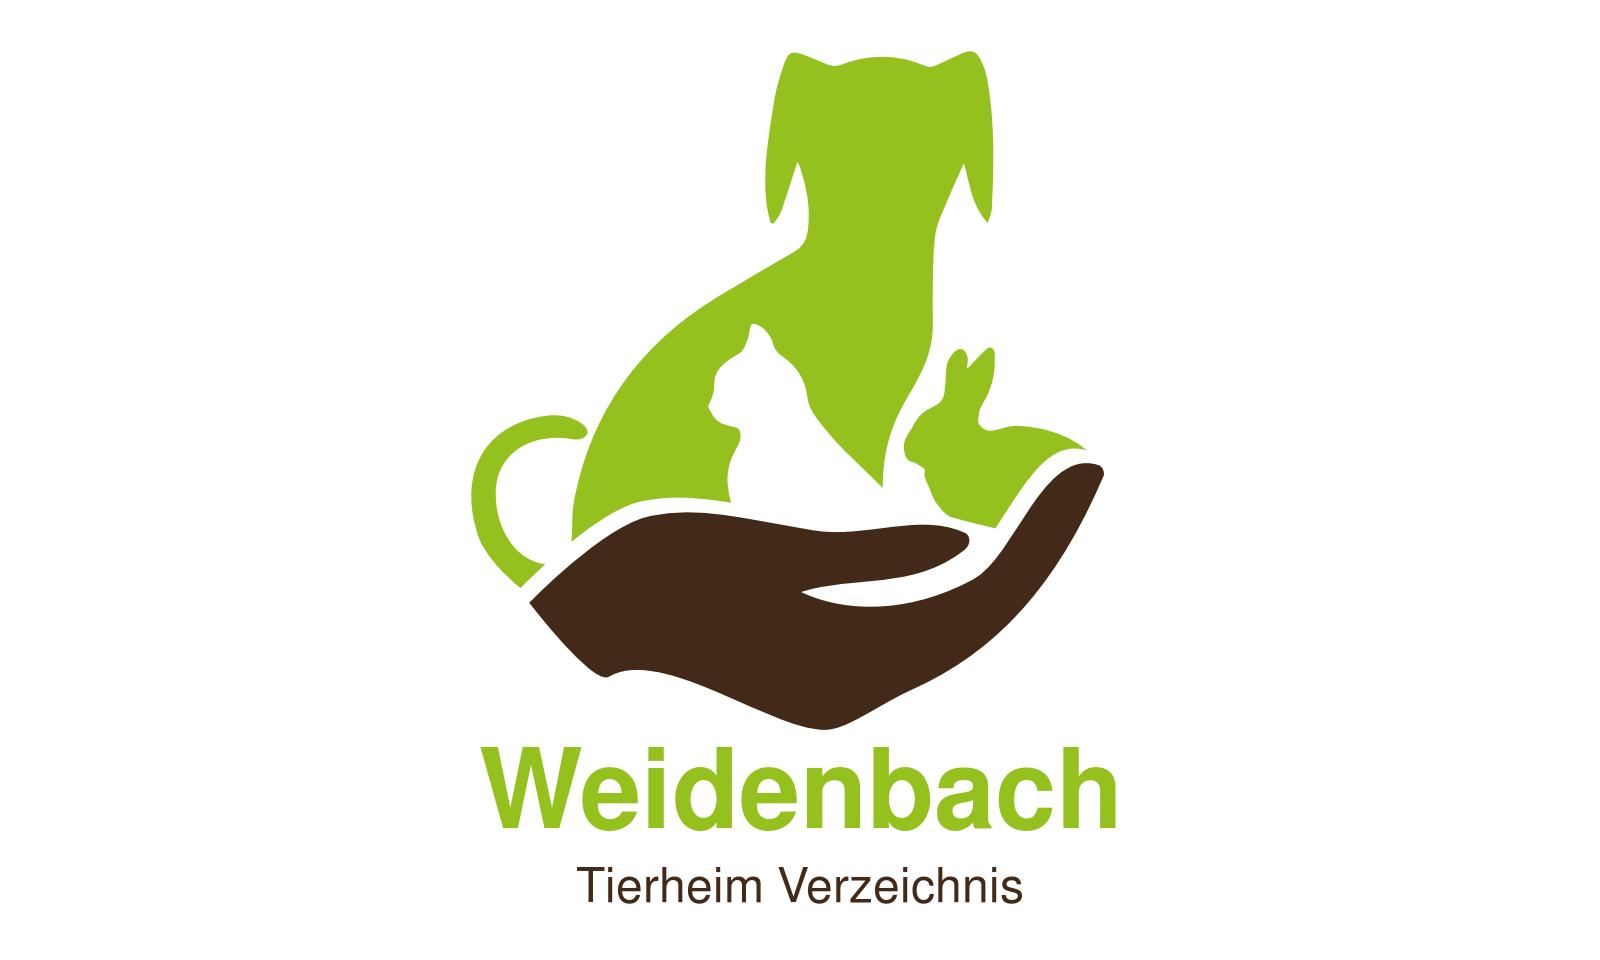 Tierheim Weidenbach